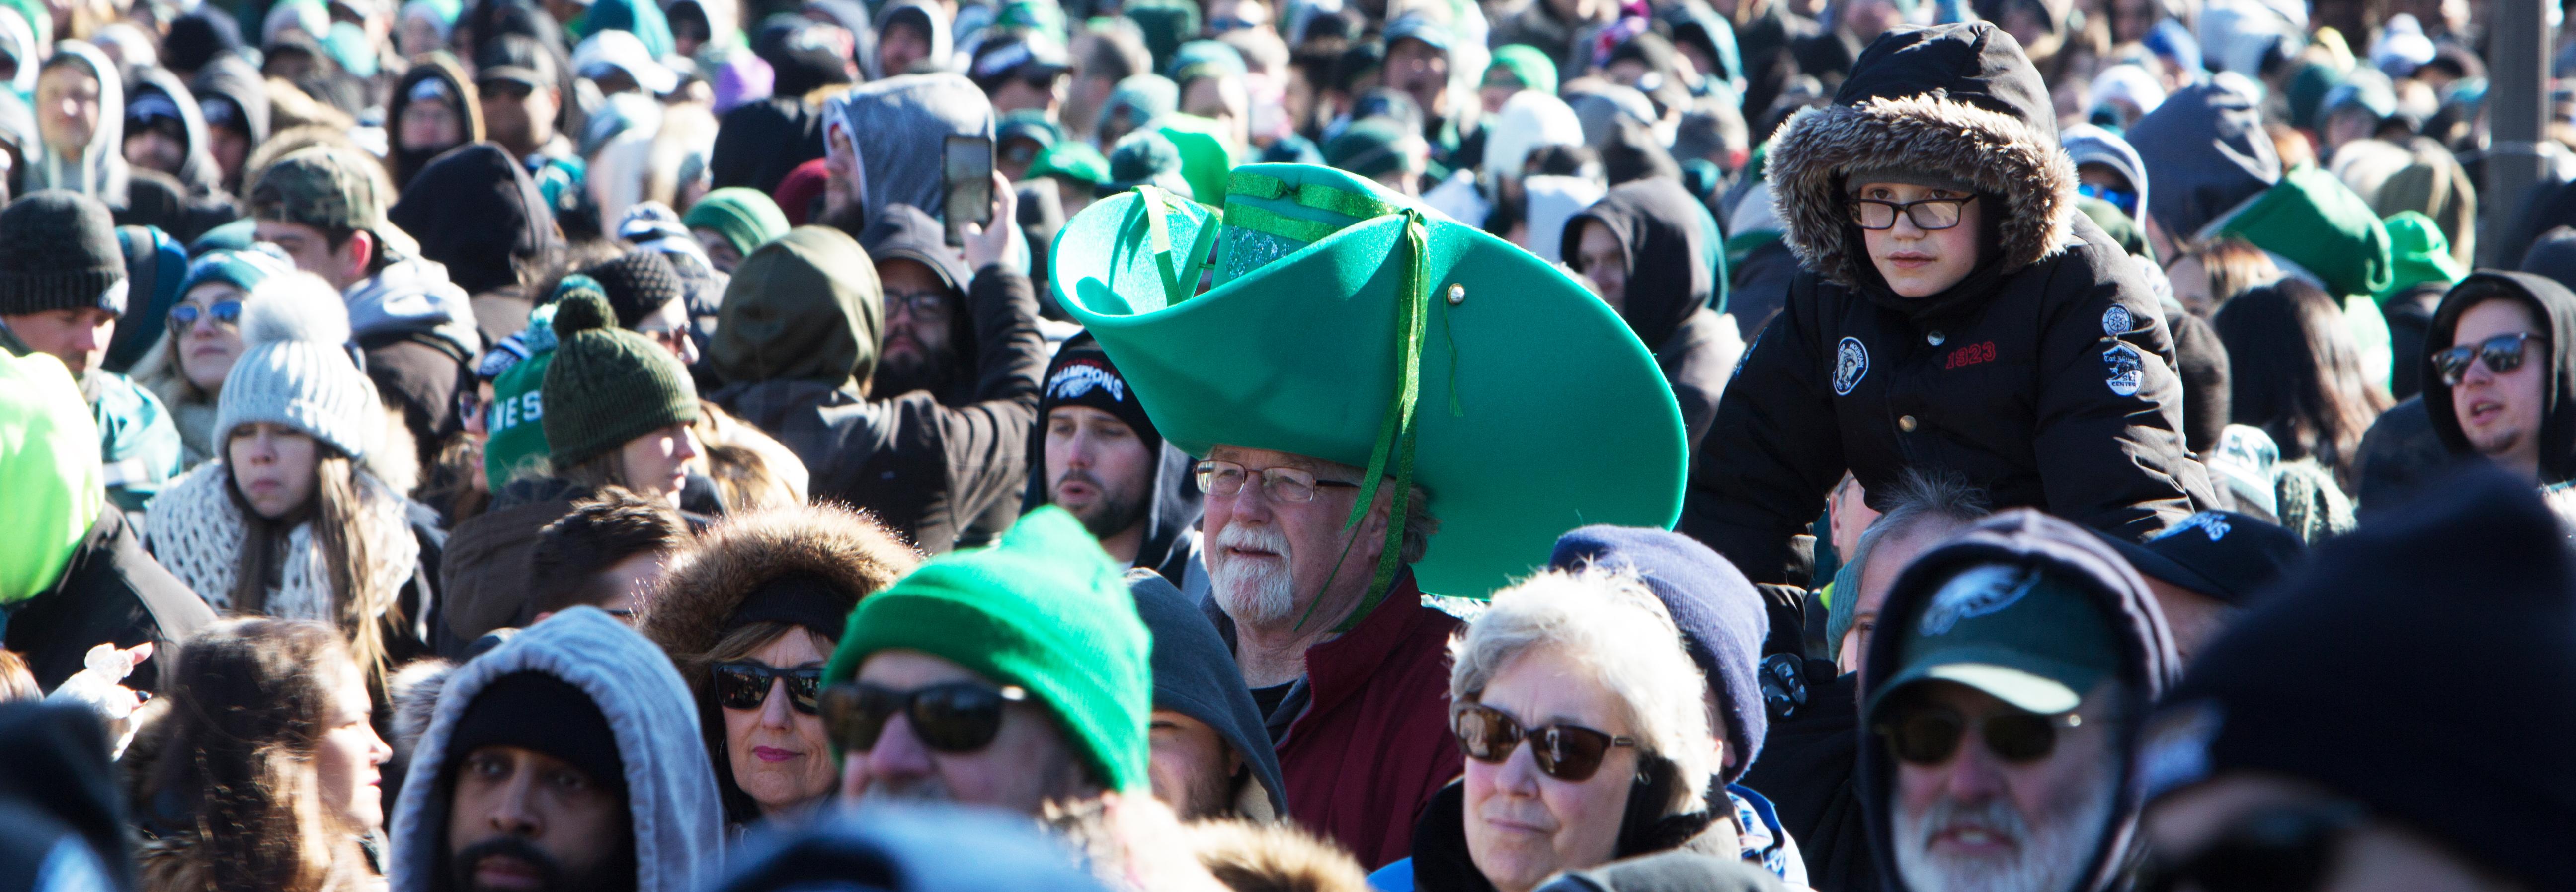 Eagles Parade in Philadelphia